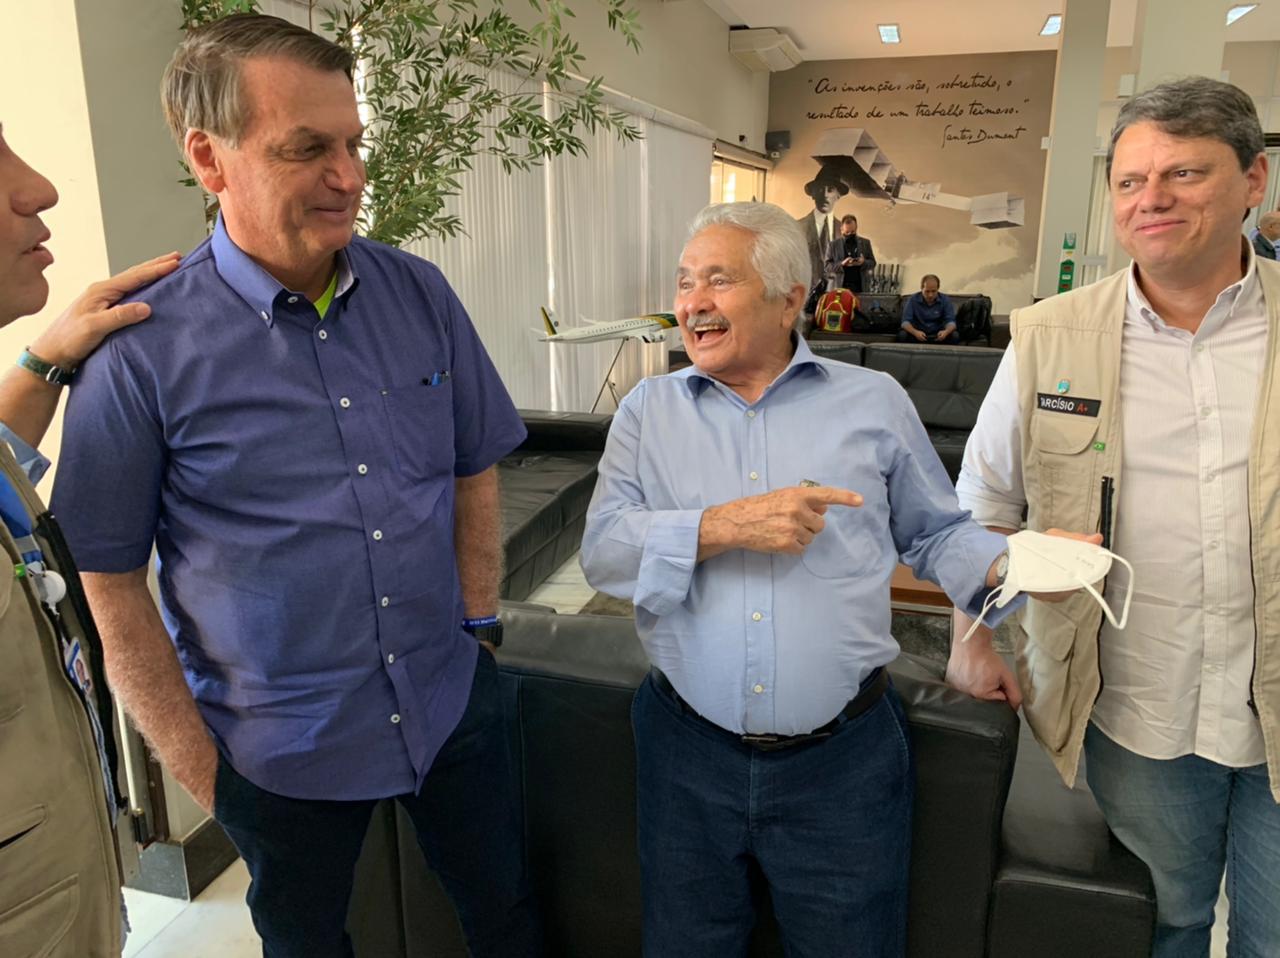 Elmano Férrer feliz da vida com Bolsonaro e Tarcísio de Freitas  - Imagem 1